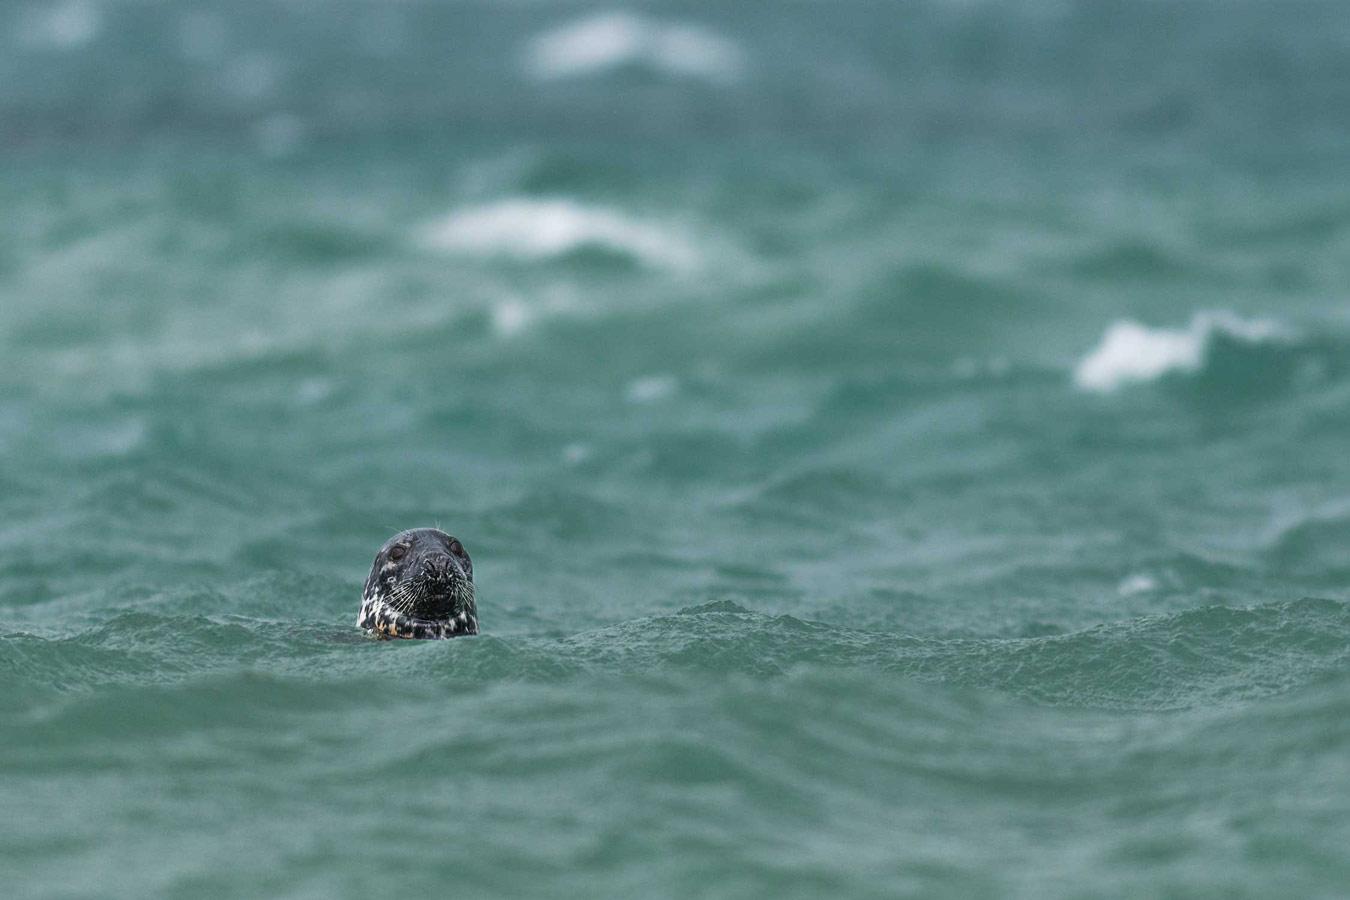 © Бен Уоткинс, Победитель категории «Документальная серия», Конкурс фотографий дикой природы British Wildlife